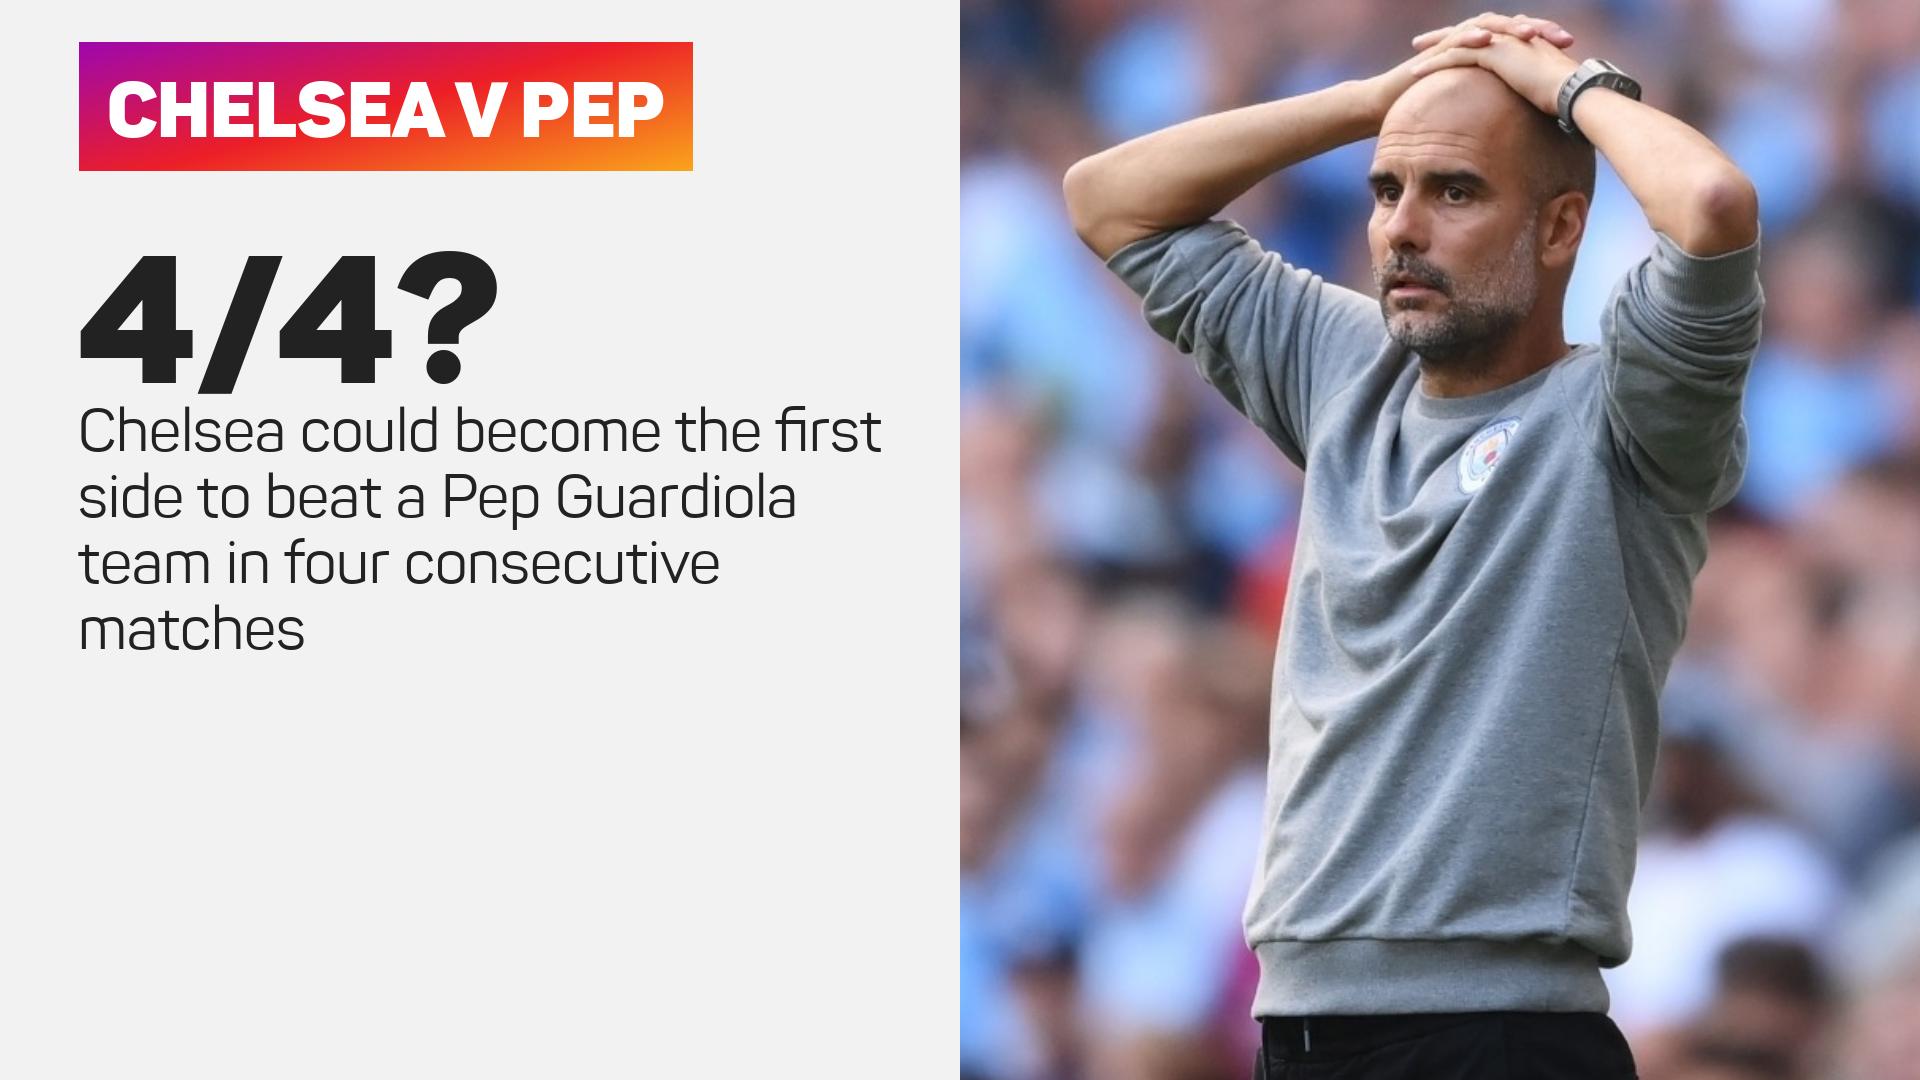 Chelsea v Pep Guardiola